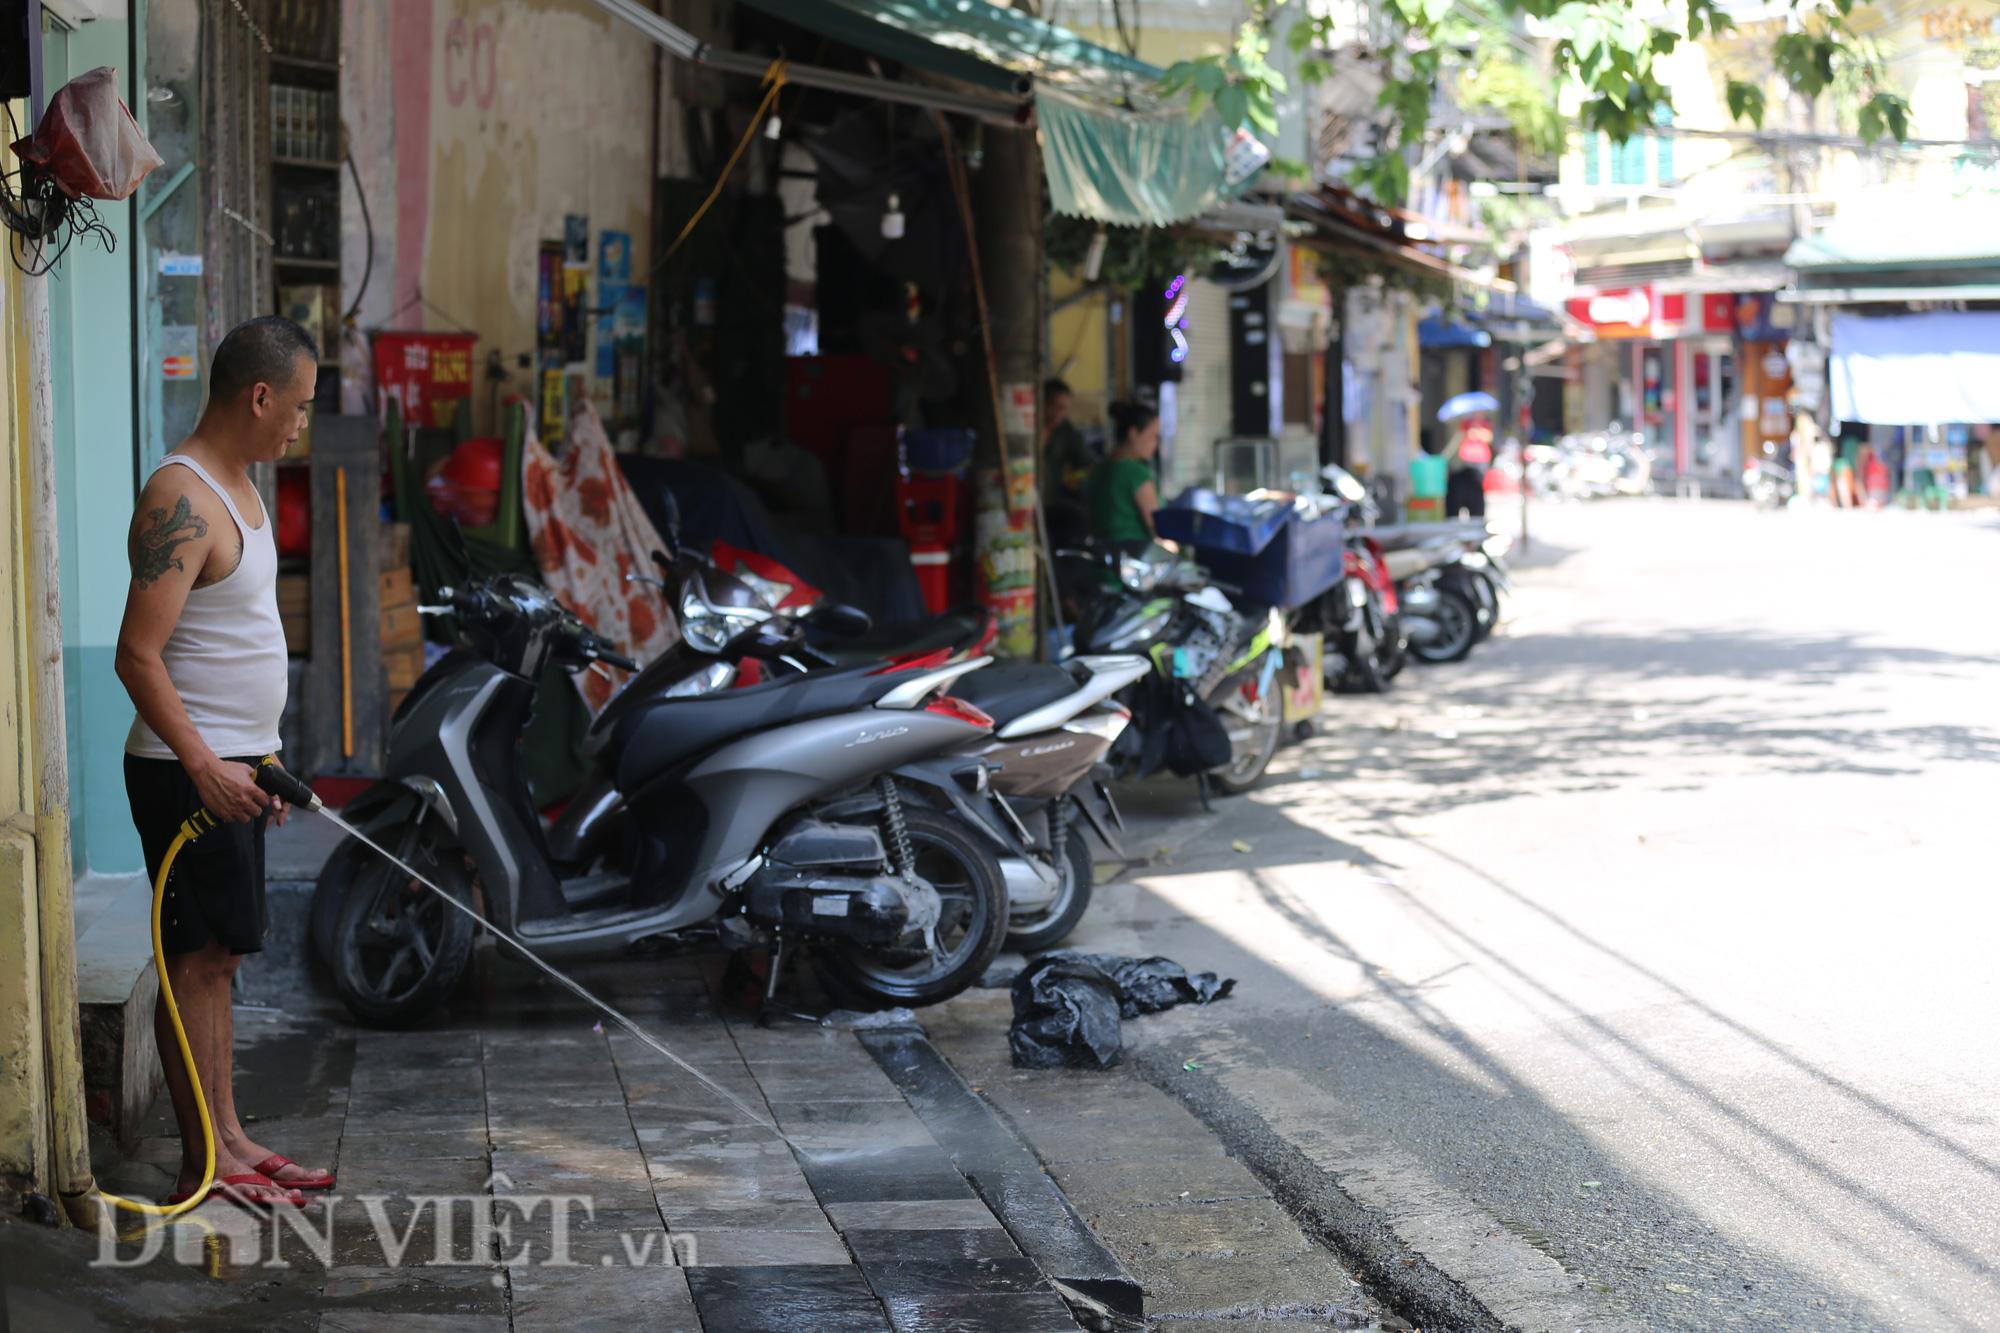 """Đường phố Hà Nội """"bốc hơi"""", người đi đường khốn khổ trong cái nắng 42 độ C - Ảnh 11."""